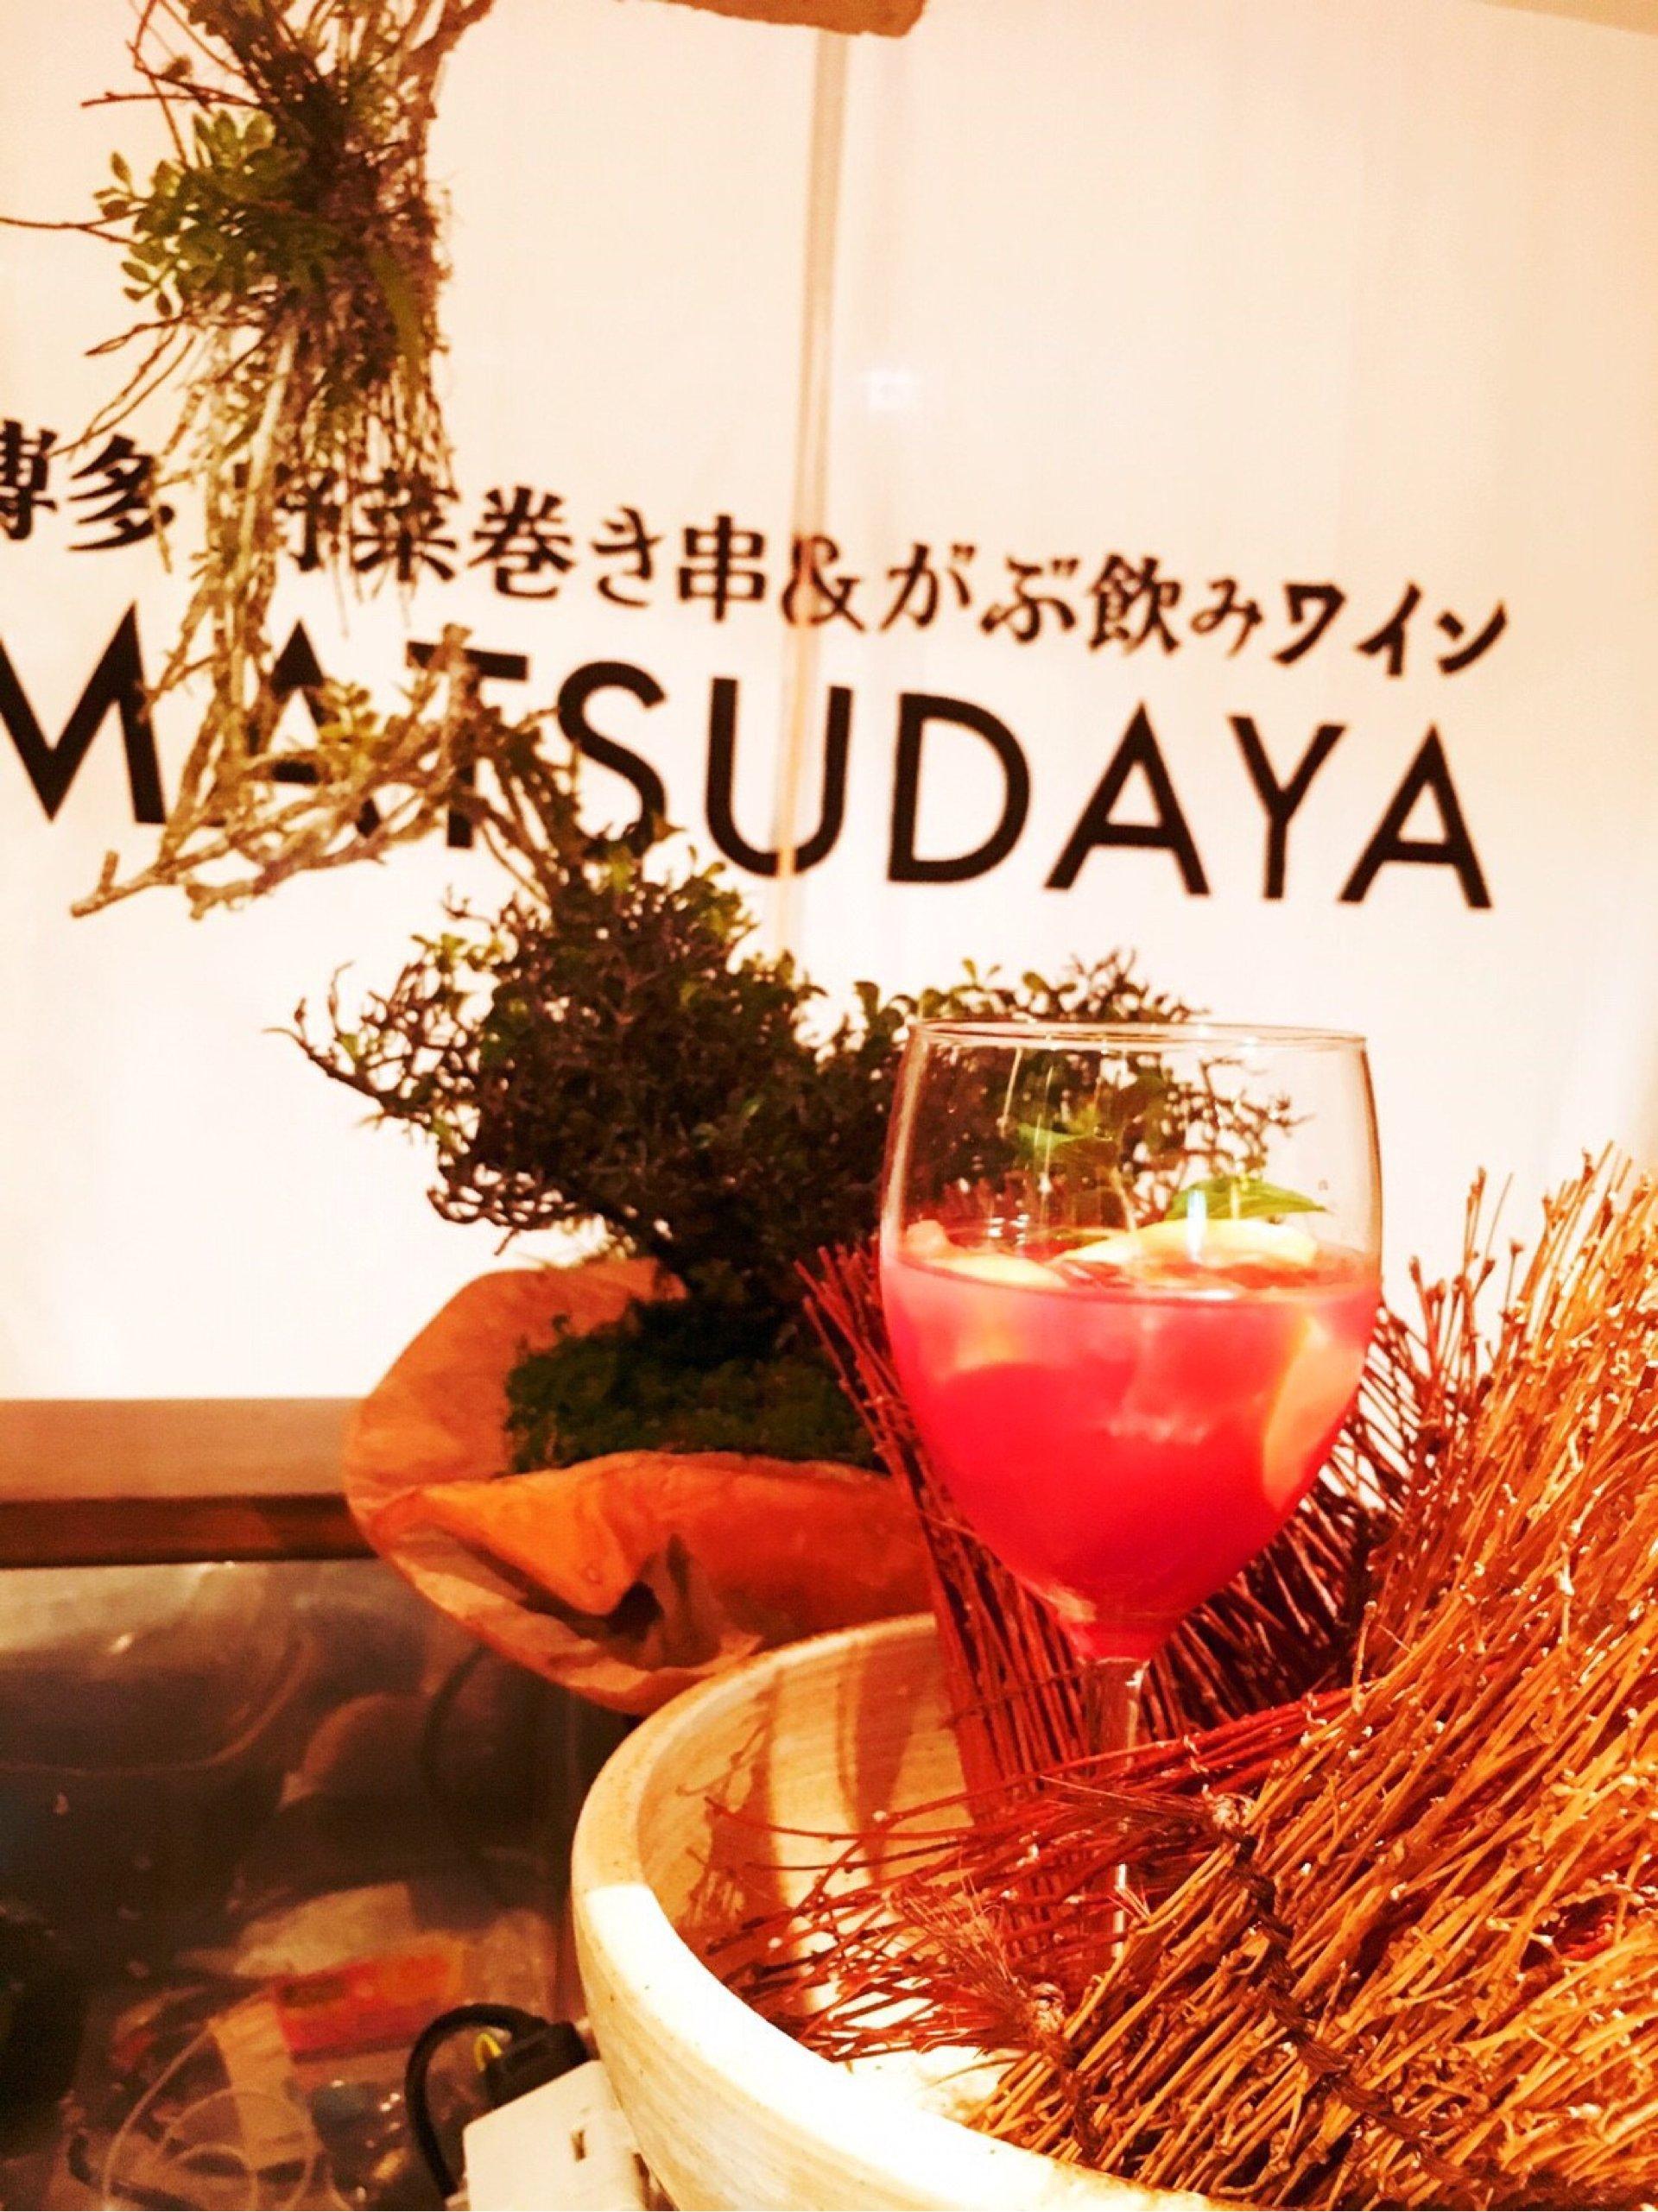 博多野菜巻き串&がぶのみワインMATSUDAYA(まつだや) | 福島市・居酒屋・串焼き・宴会・和食